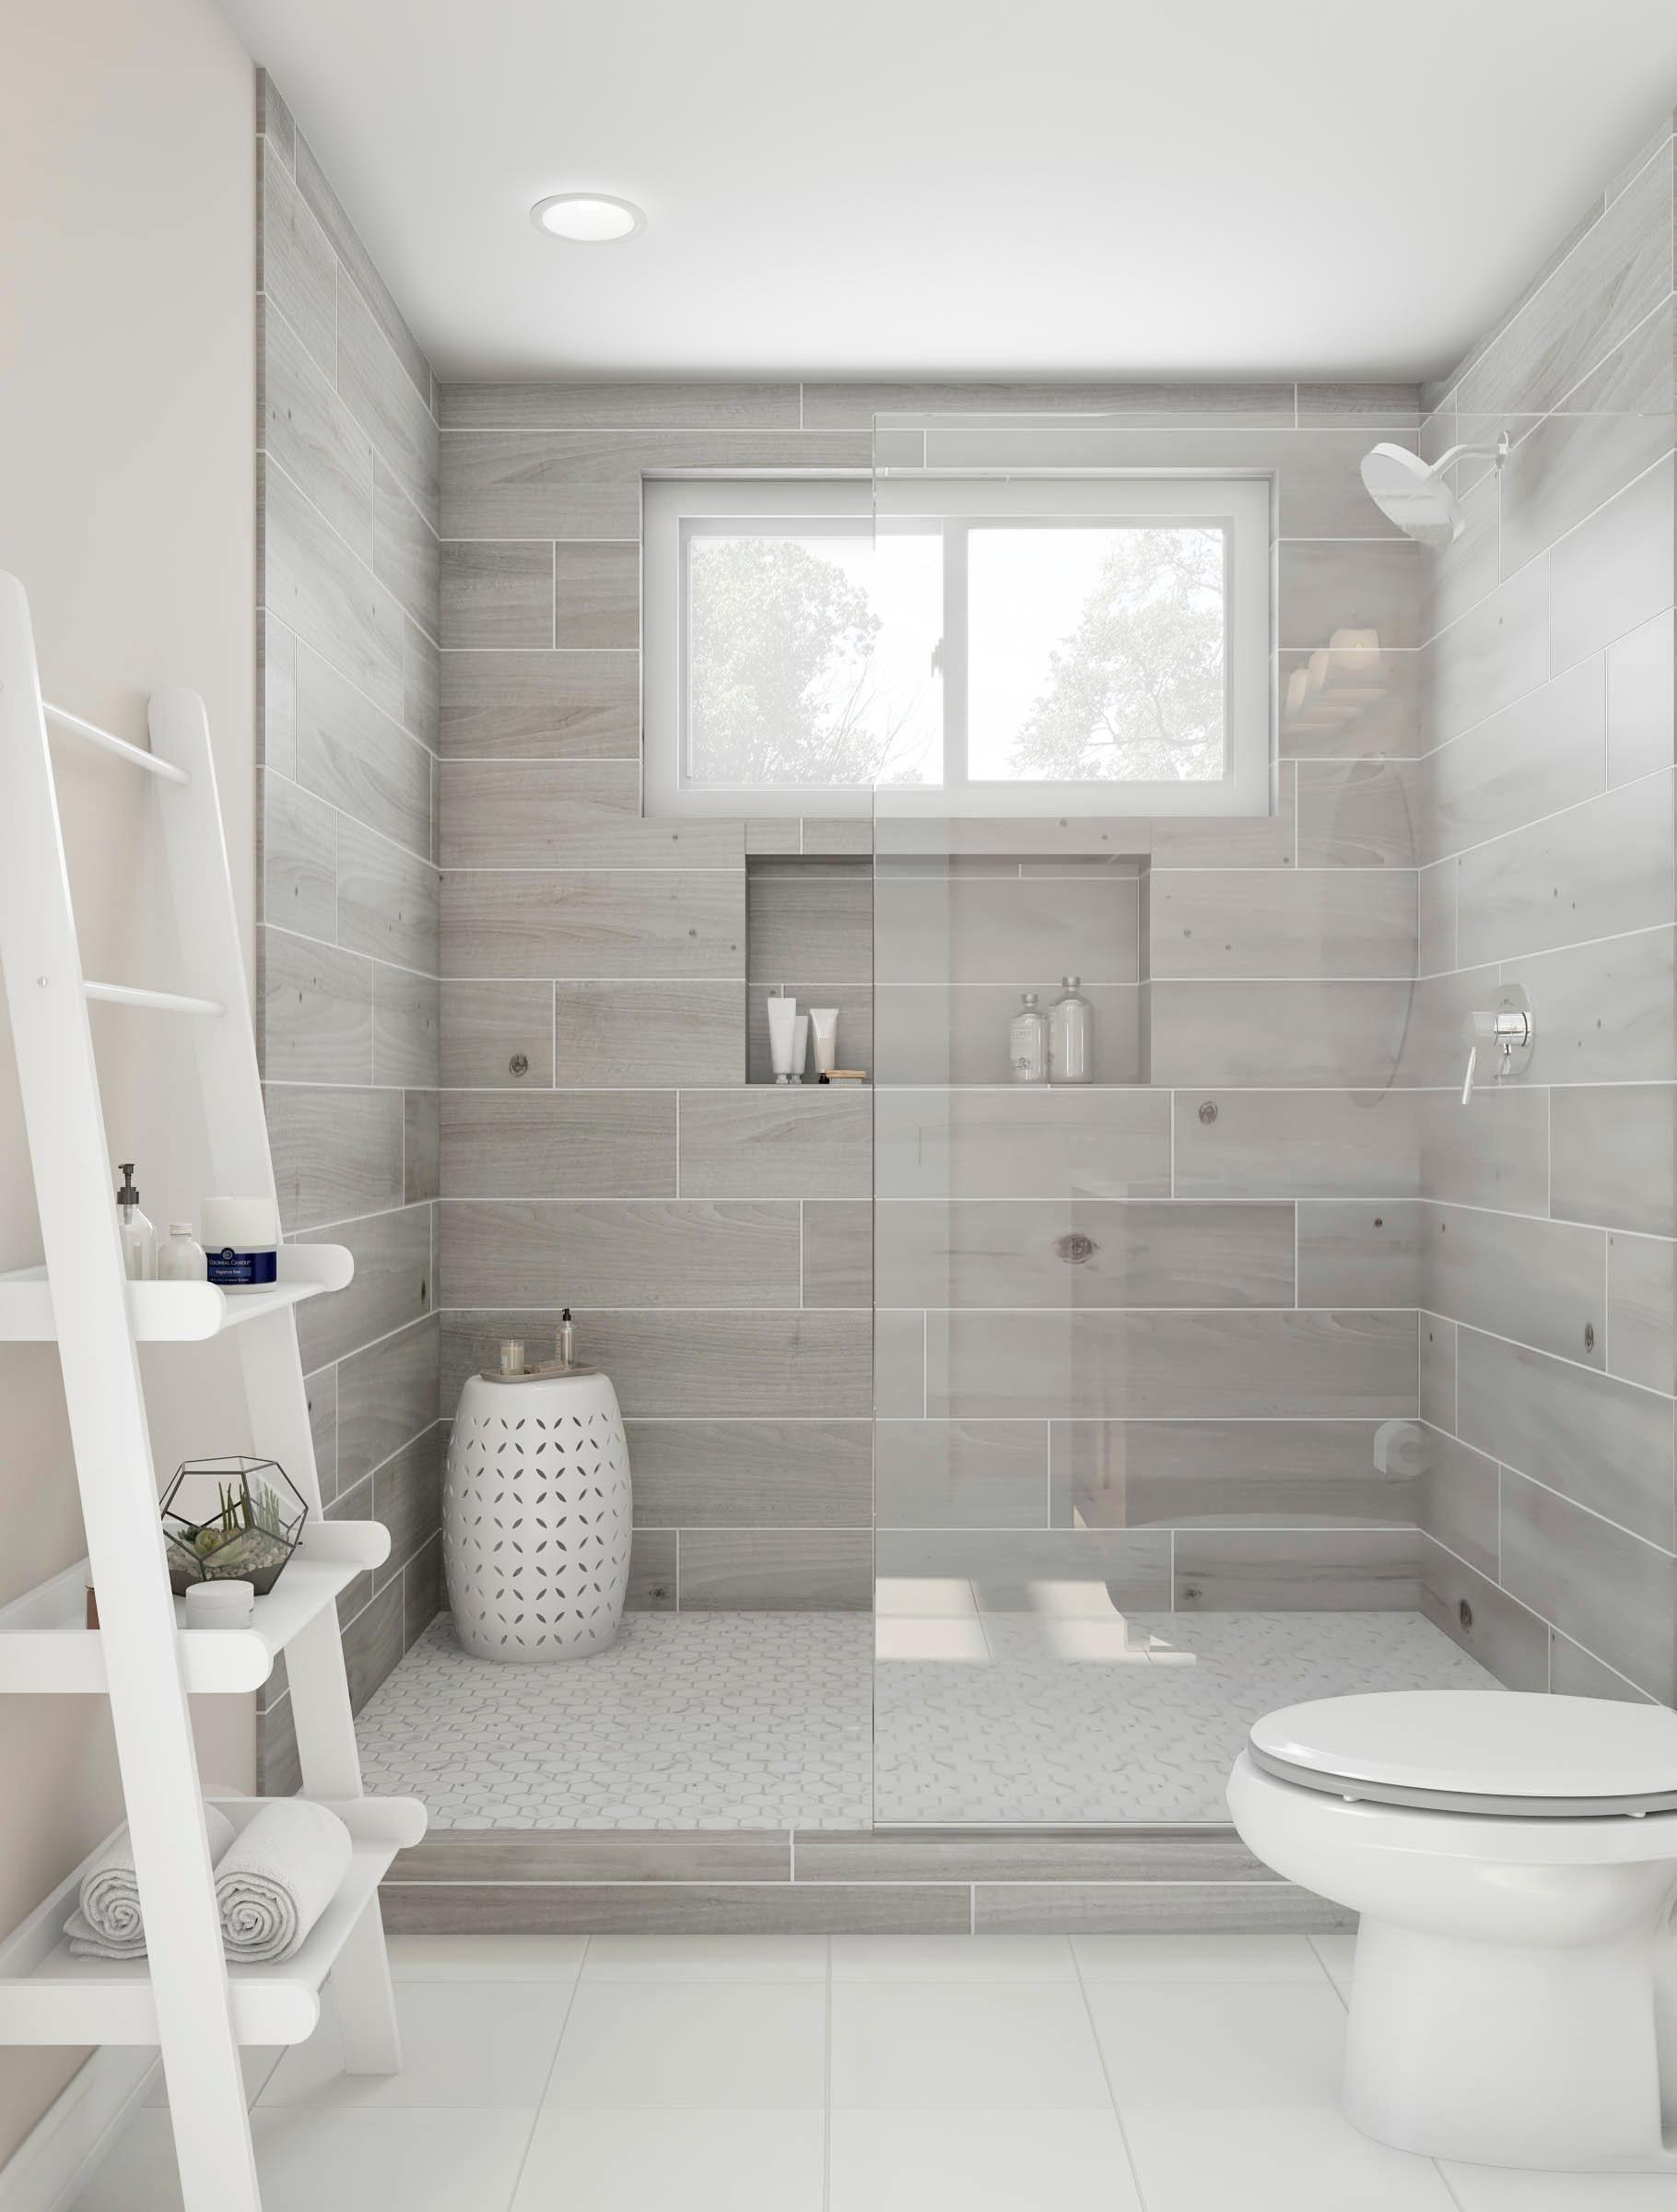 Minimalist Master Bathroom Remodel Ideas22